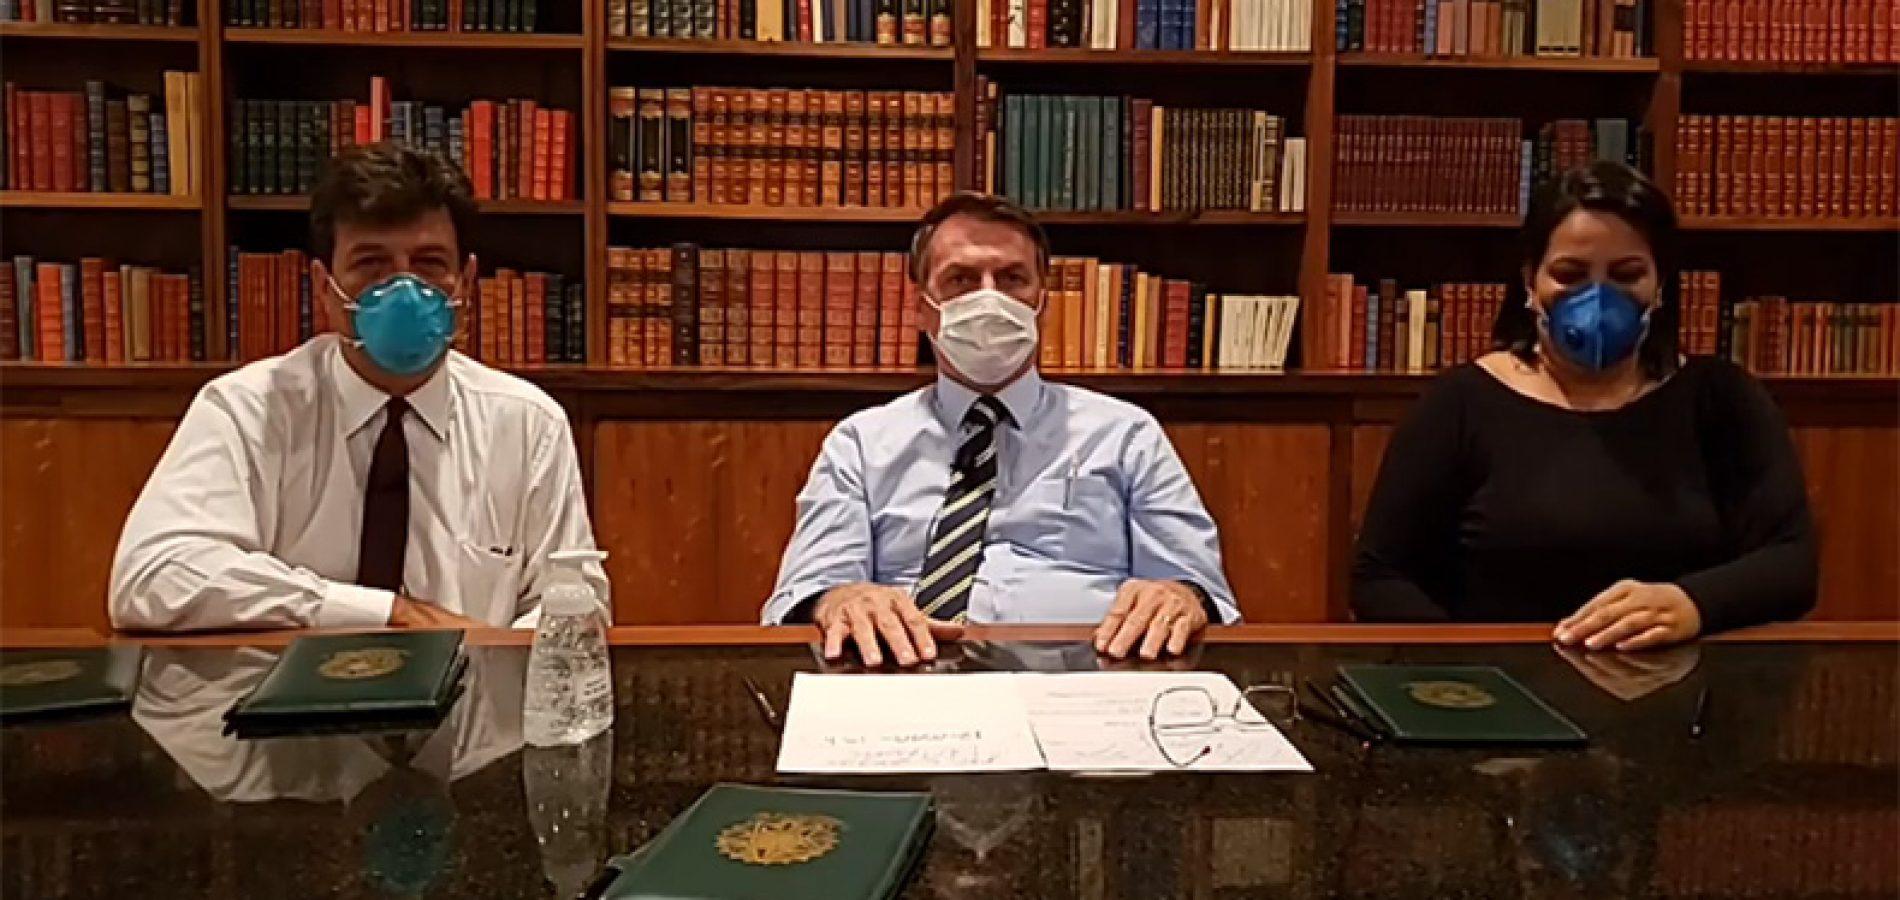 Ao menos 6 pessoas que encontraram Bolsonaro estão com o novo coronavírus